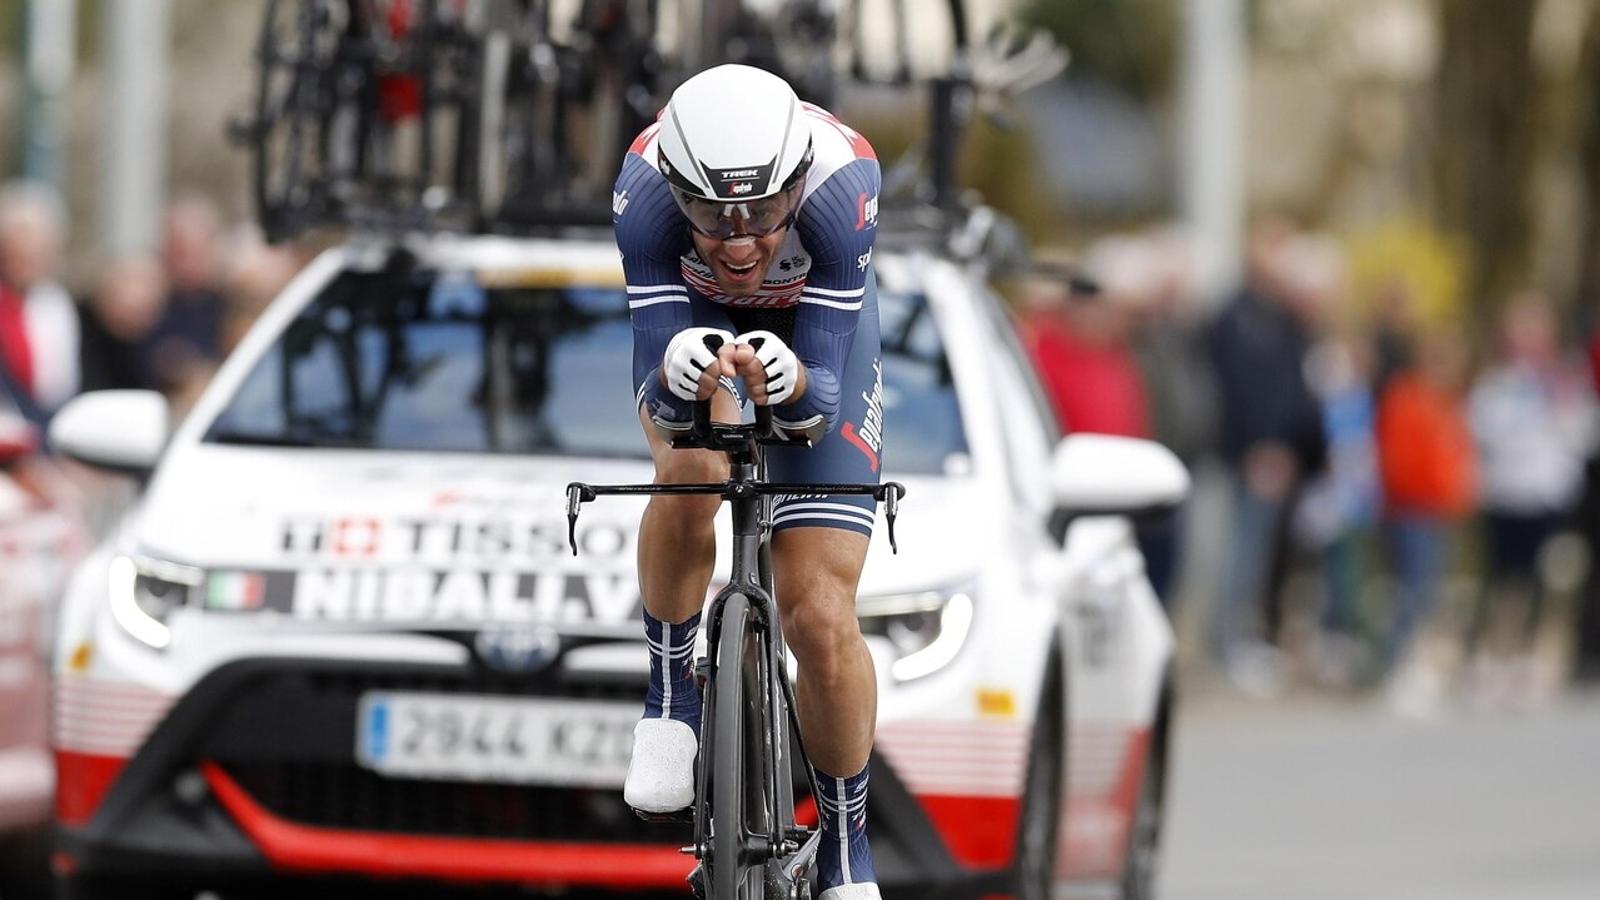 Oggi il 'Gran Trittico Lombardo' - Ciclismo - Rai Sport